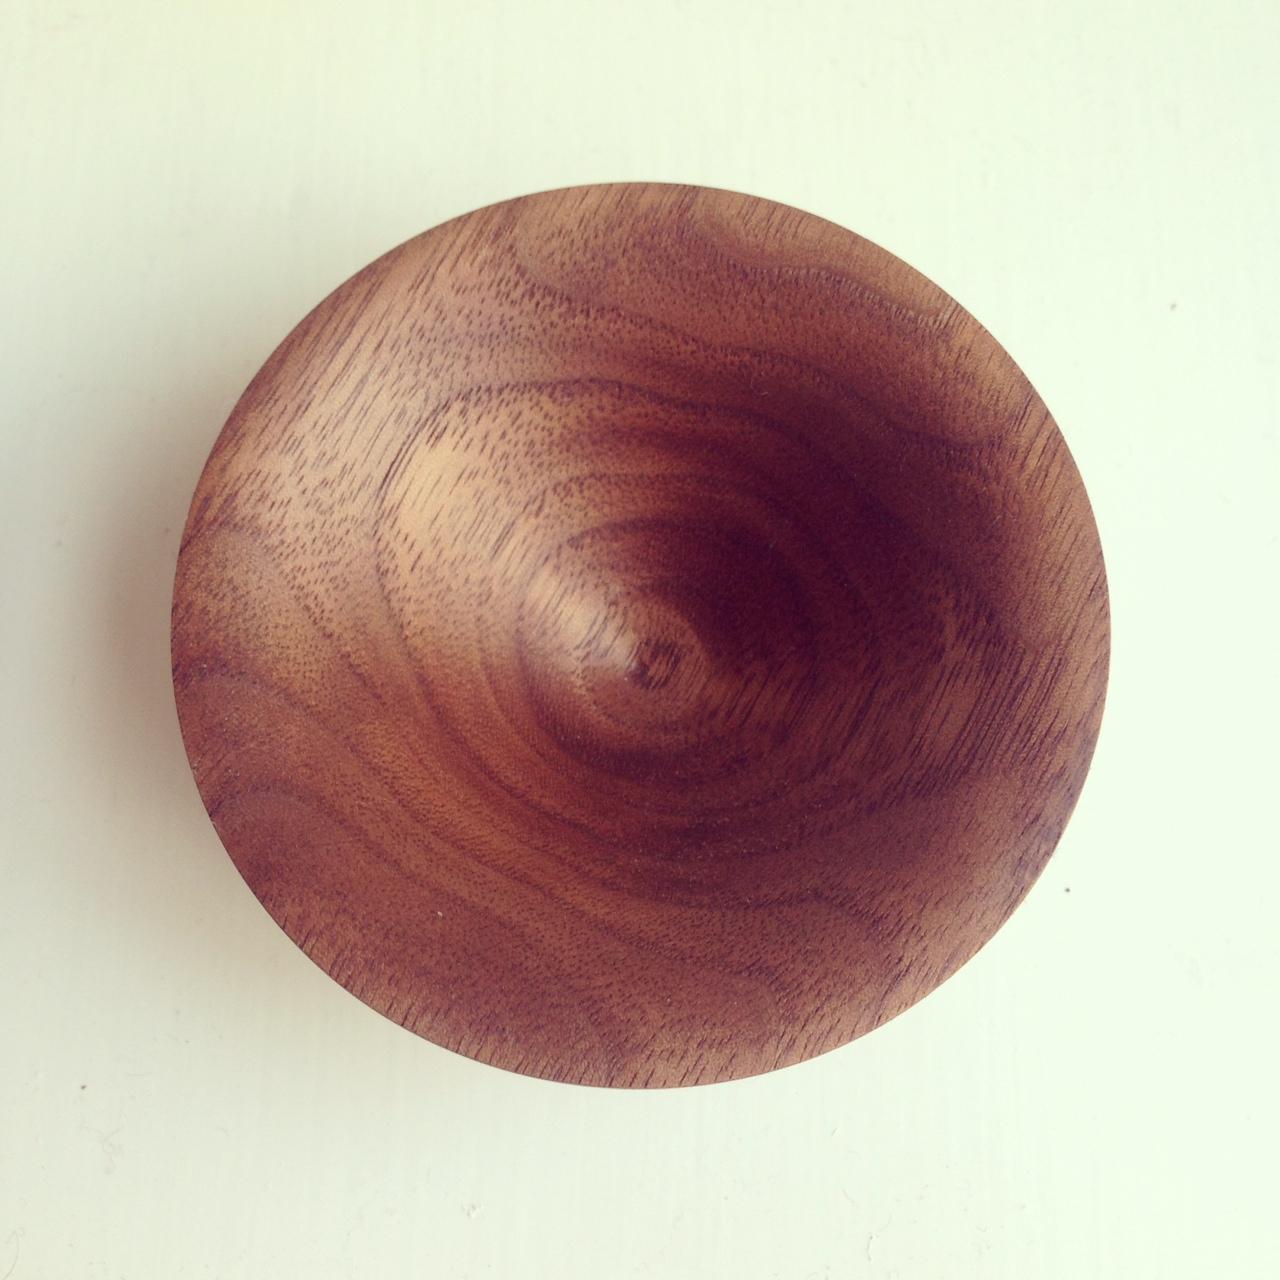 Ring dish, Black American Walnut